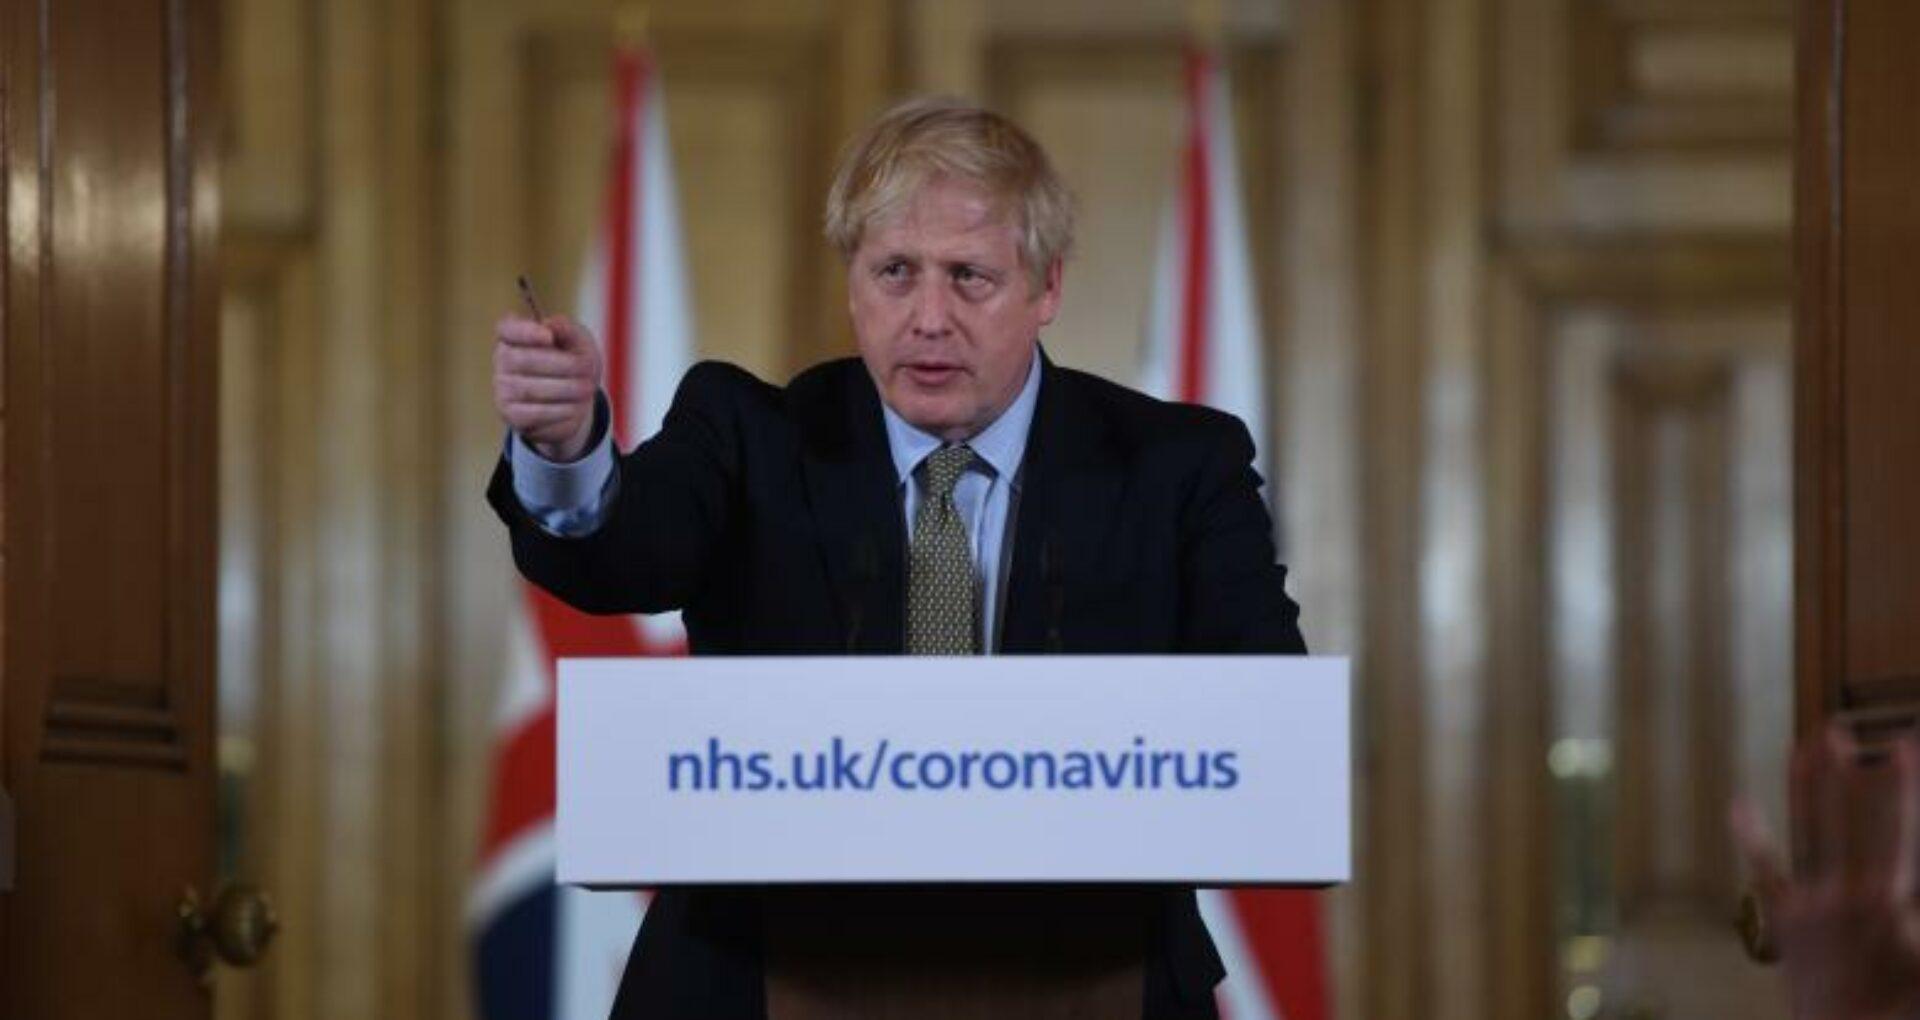 Marea Britanie: Amendă de până la 10 000 de lire în cazul nerespectării carantinei